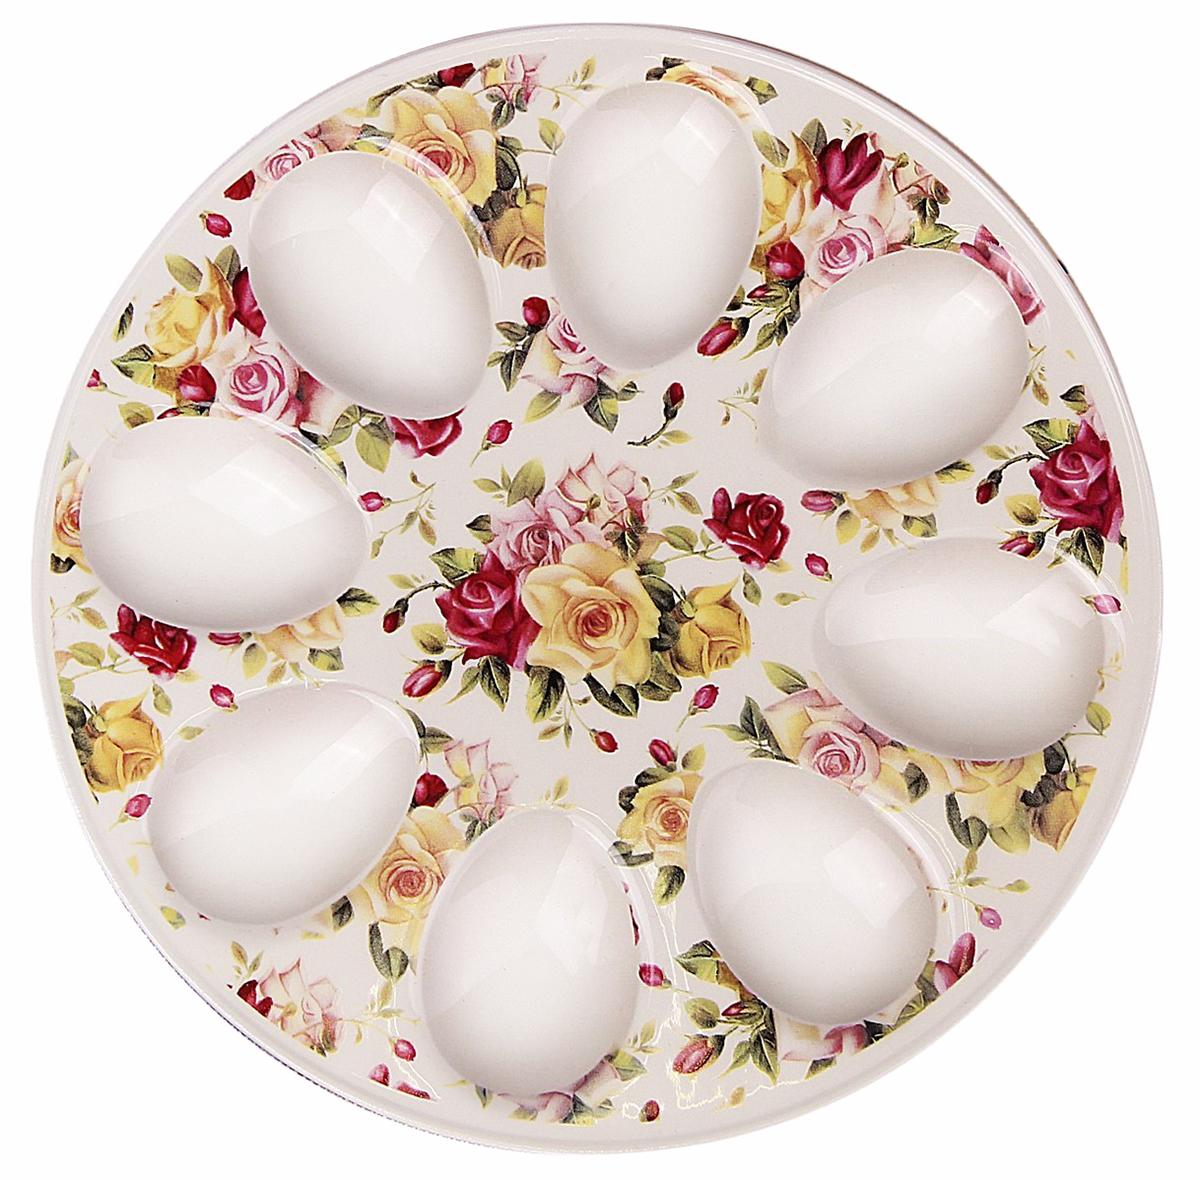 Подставка для яйца Доляна Сад роз, 20 х 2 см. 25322132532213От качества посуды зависит не только вкус еды, но и здоровье человека. Подставка для яиц Сад роз 20х2 см — товар, соответствующий российским стандартам качества. Любой хозяйке будет приятно держать его в руках. С данной посудой и кухонной утварью приготовление еды и сервировка стола превратятся в настоящий праздник.